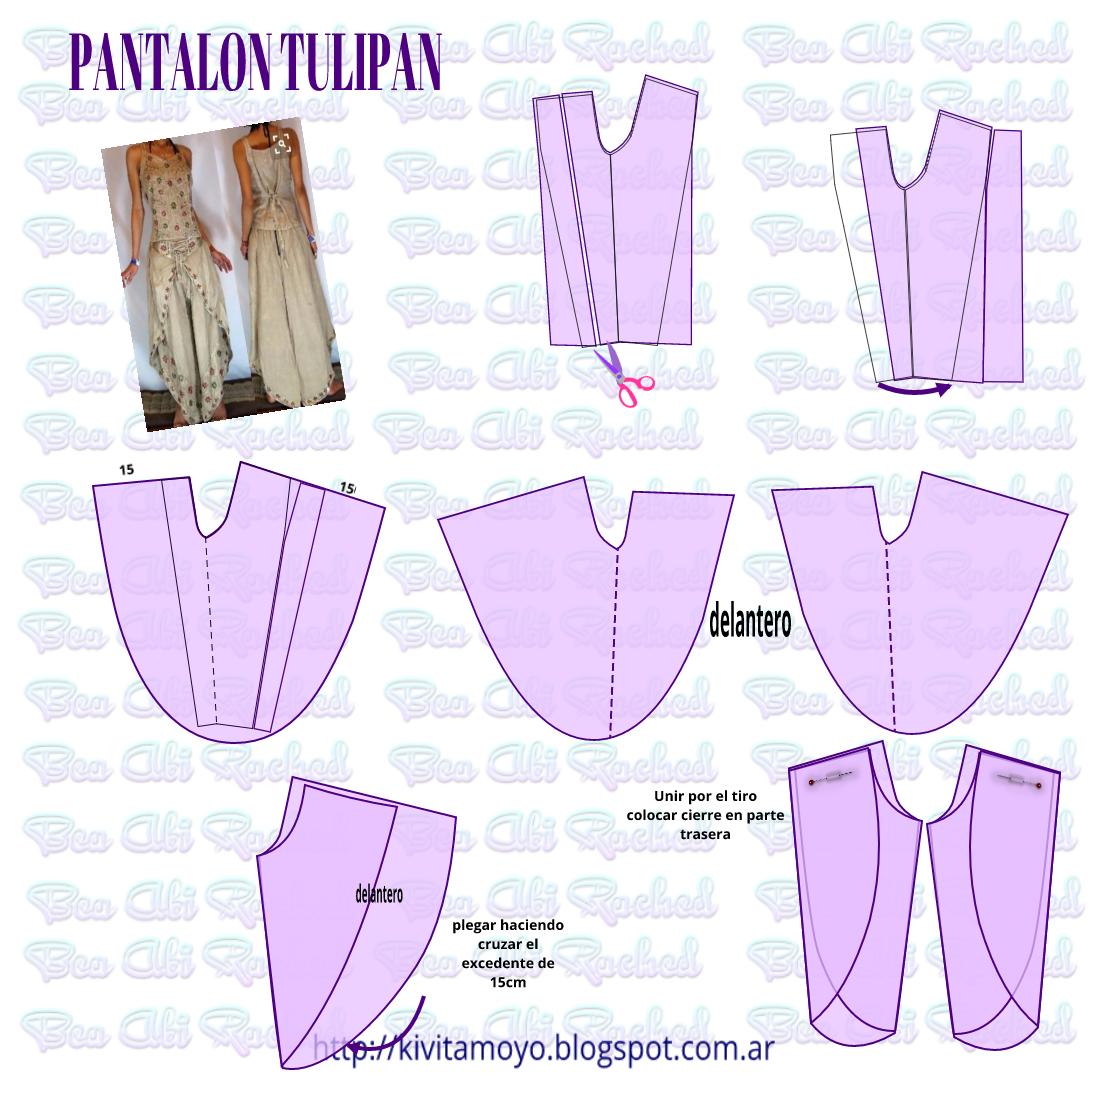 KiVita MoYo: Pantalon Tulipan | Patrones de vestidos | Pinterest ...